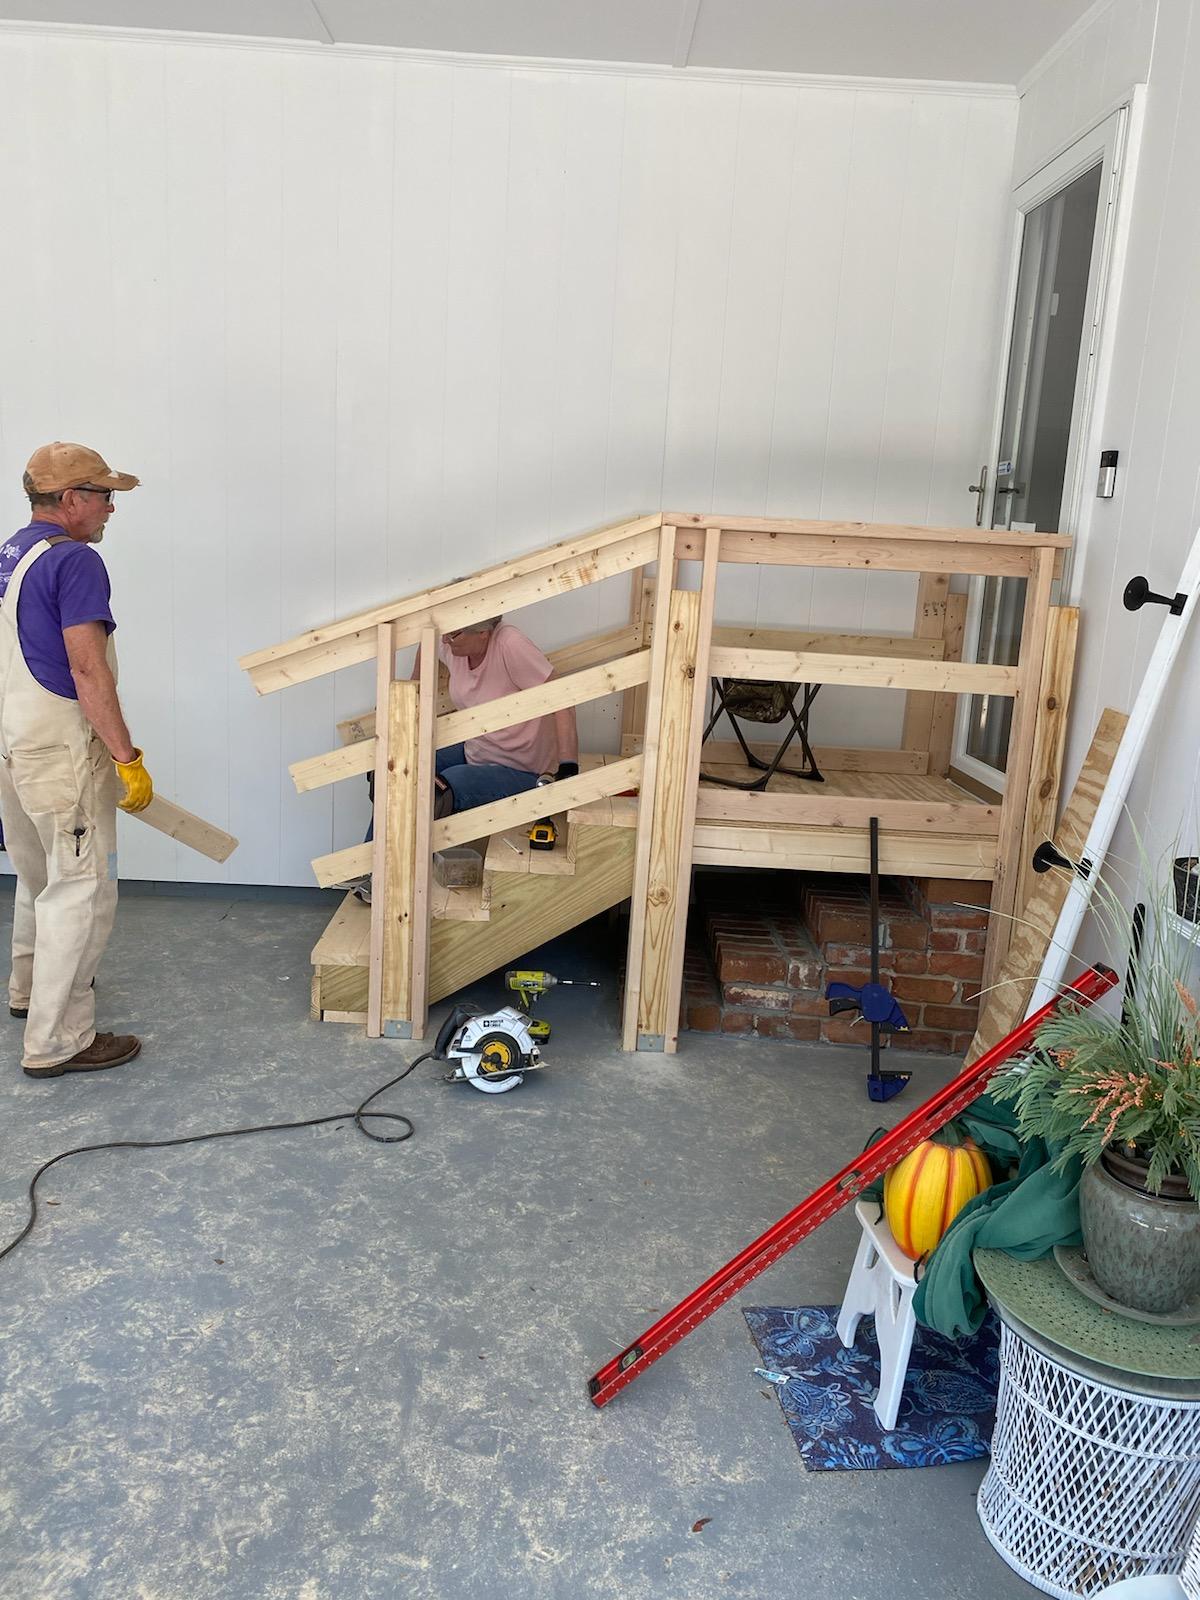 volunteer building a handrail